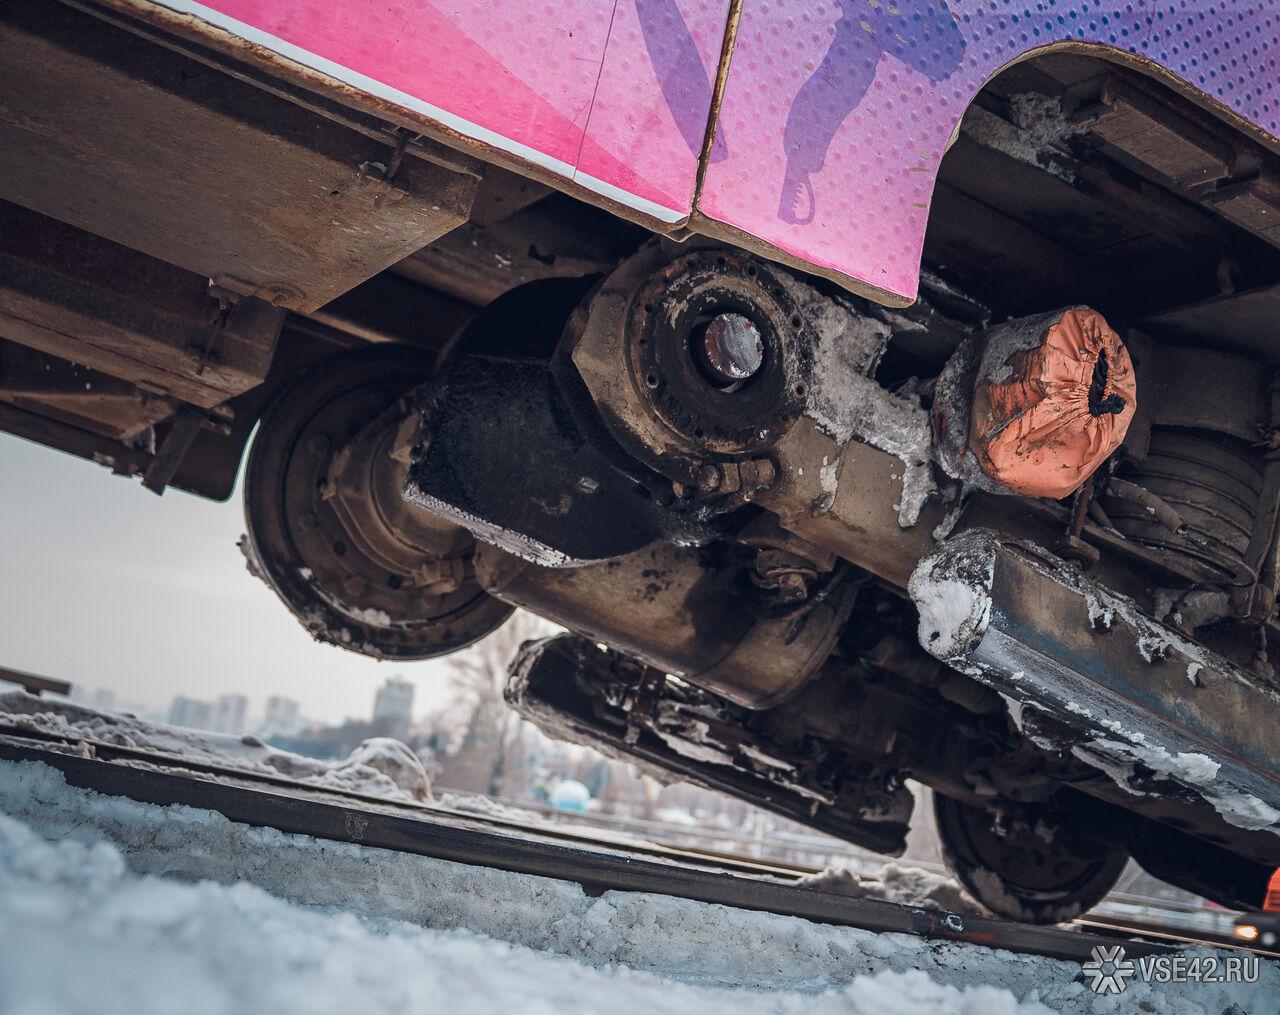 ВКемерово наКузнецком мосту трамвай сошел срельс, движение парализовано